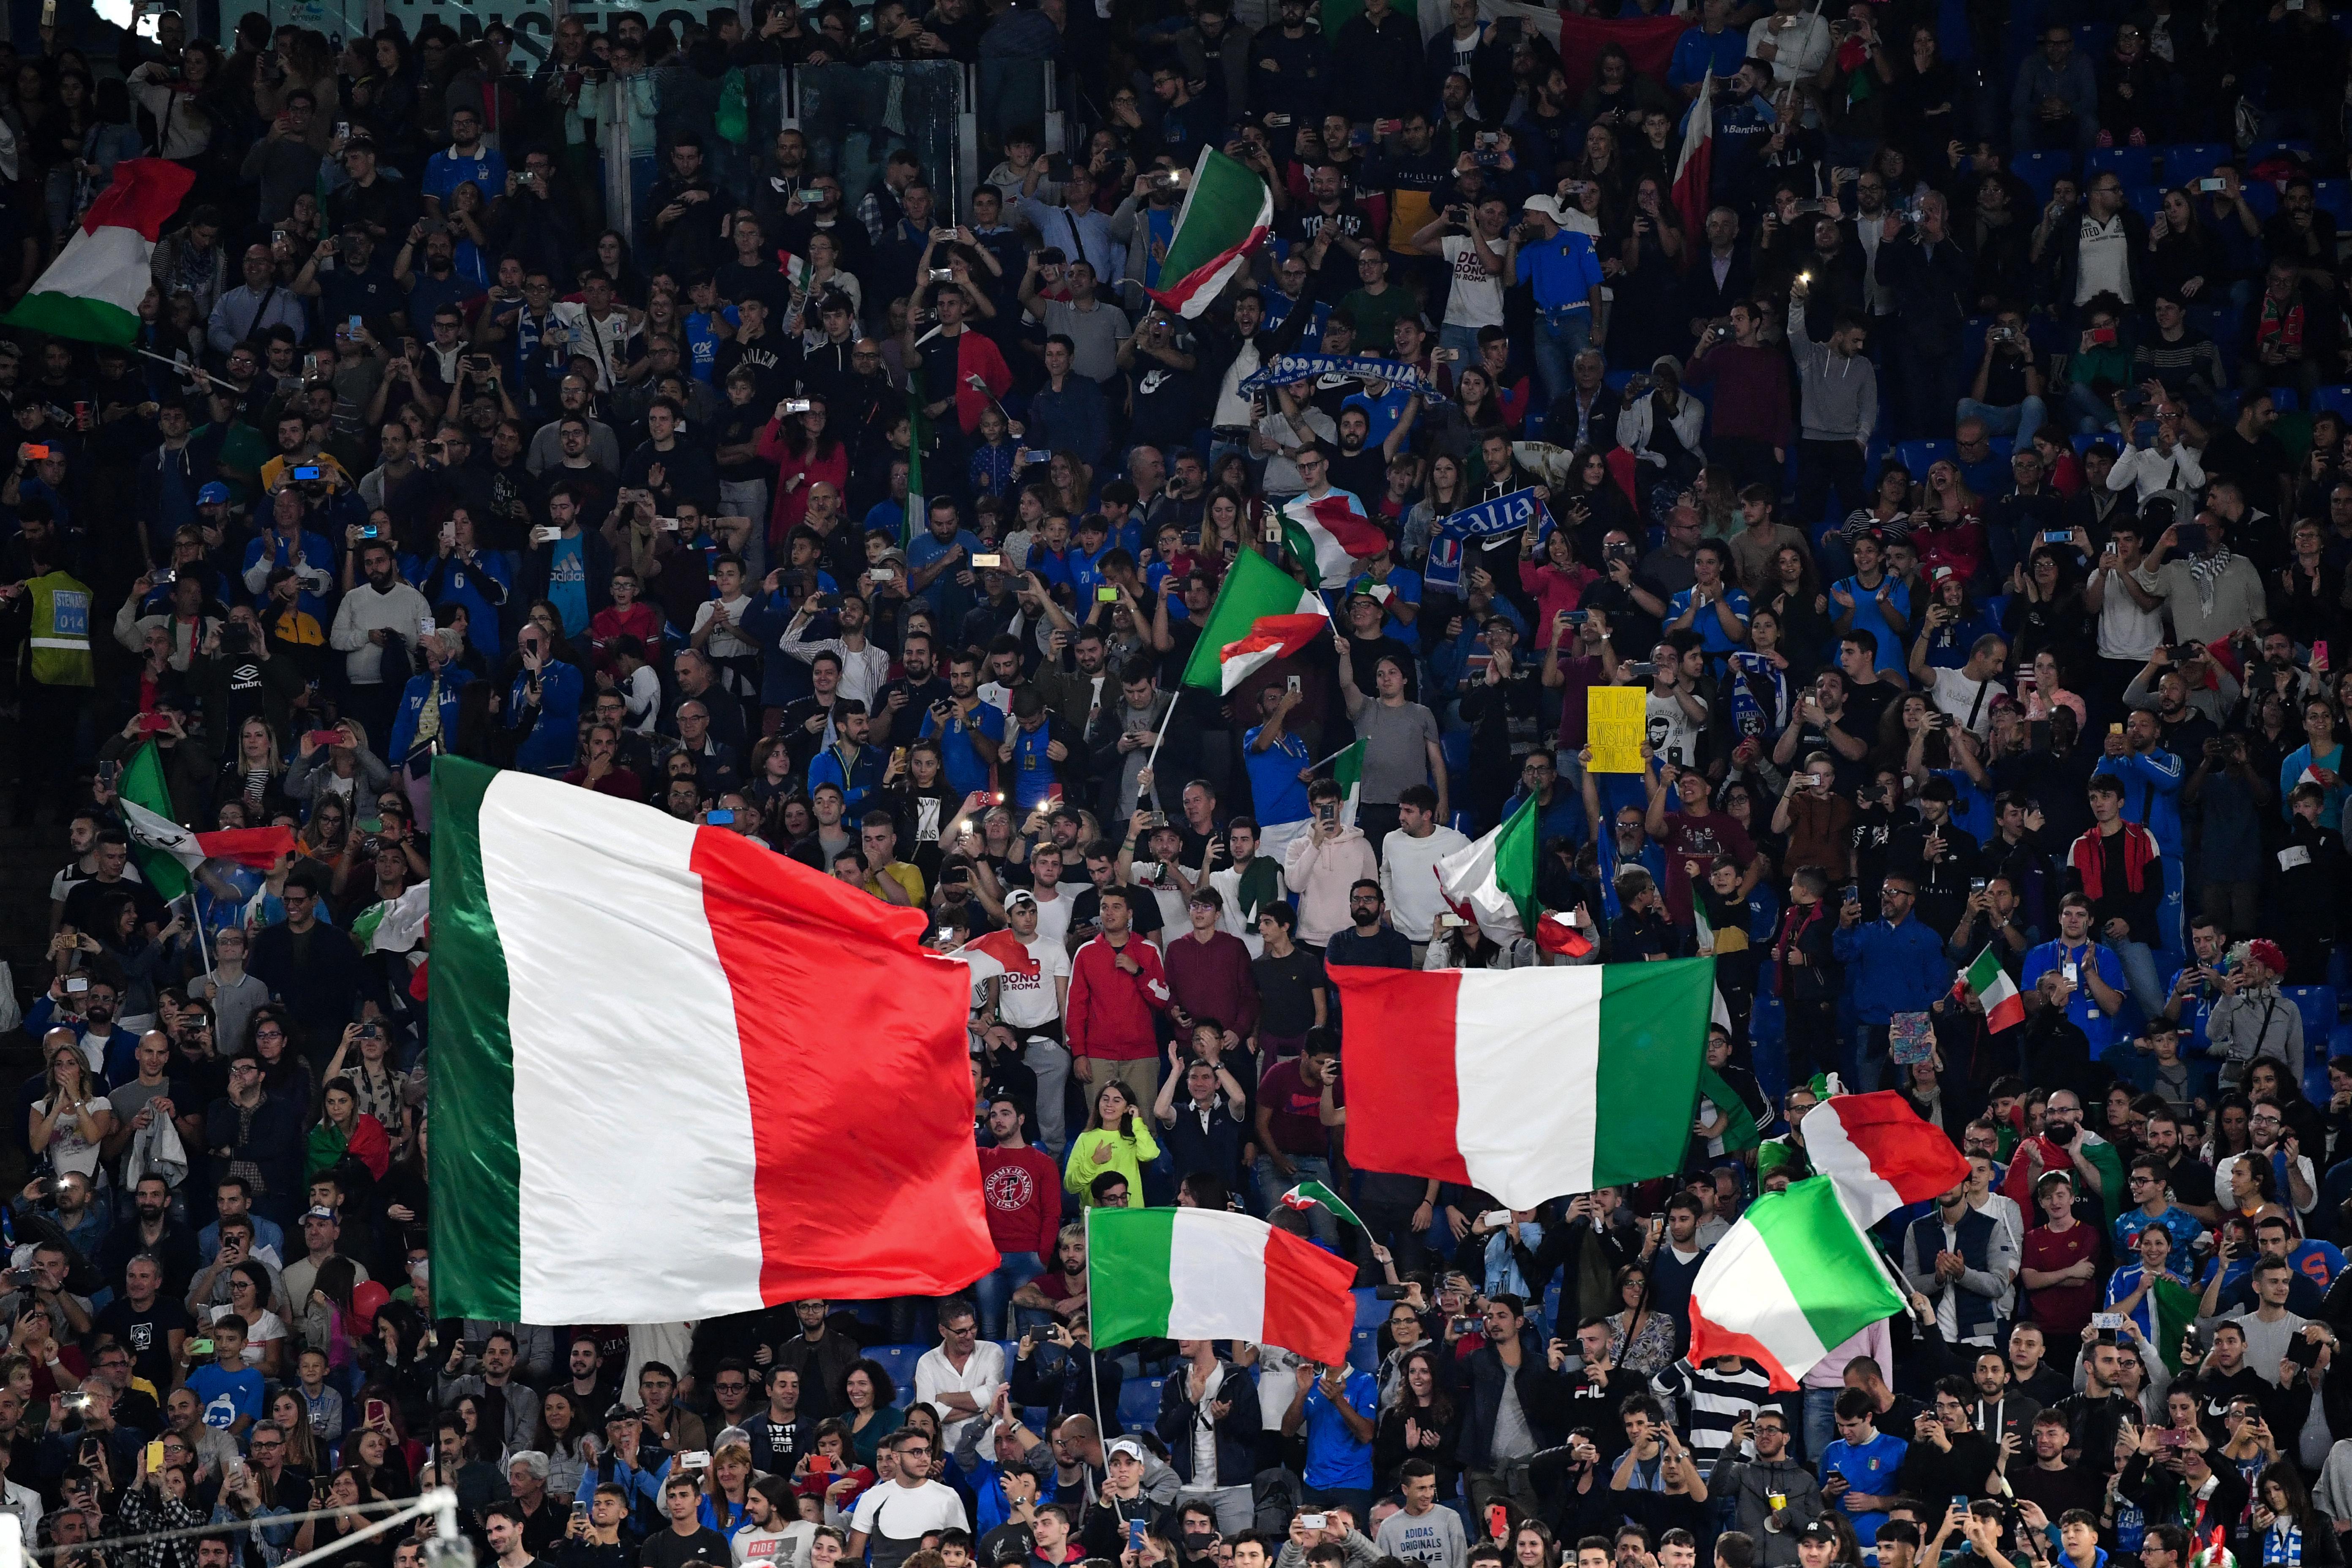 Az olasz kormány szakértője szerint képtelenség most megmondani, hány nézővel lehet nyáron foci Eb-t rendezni